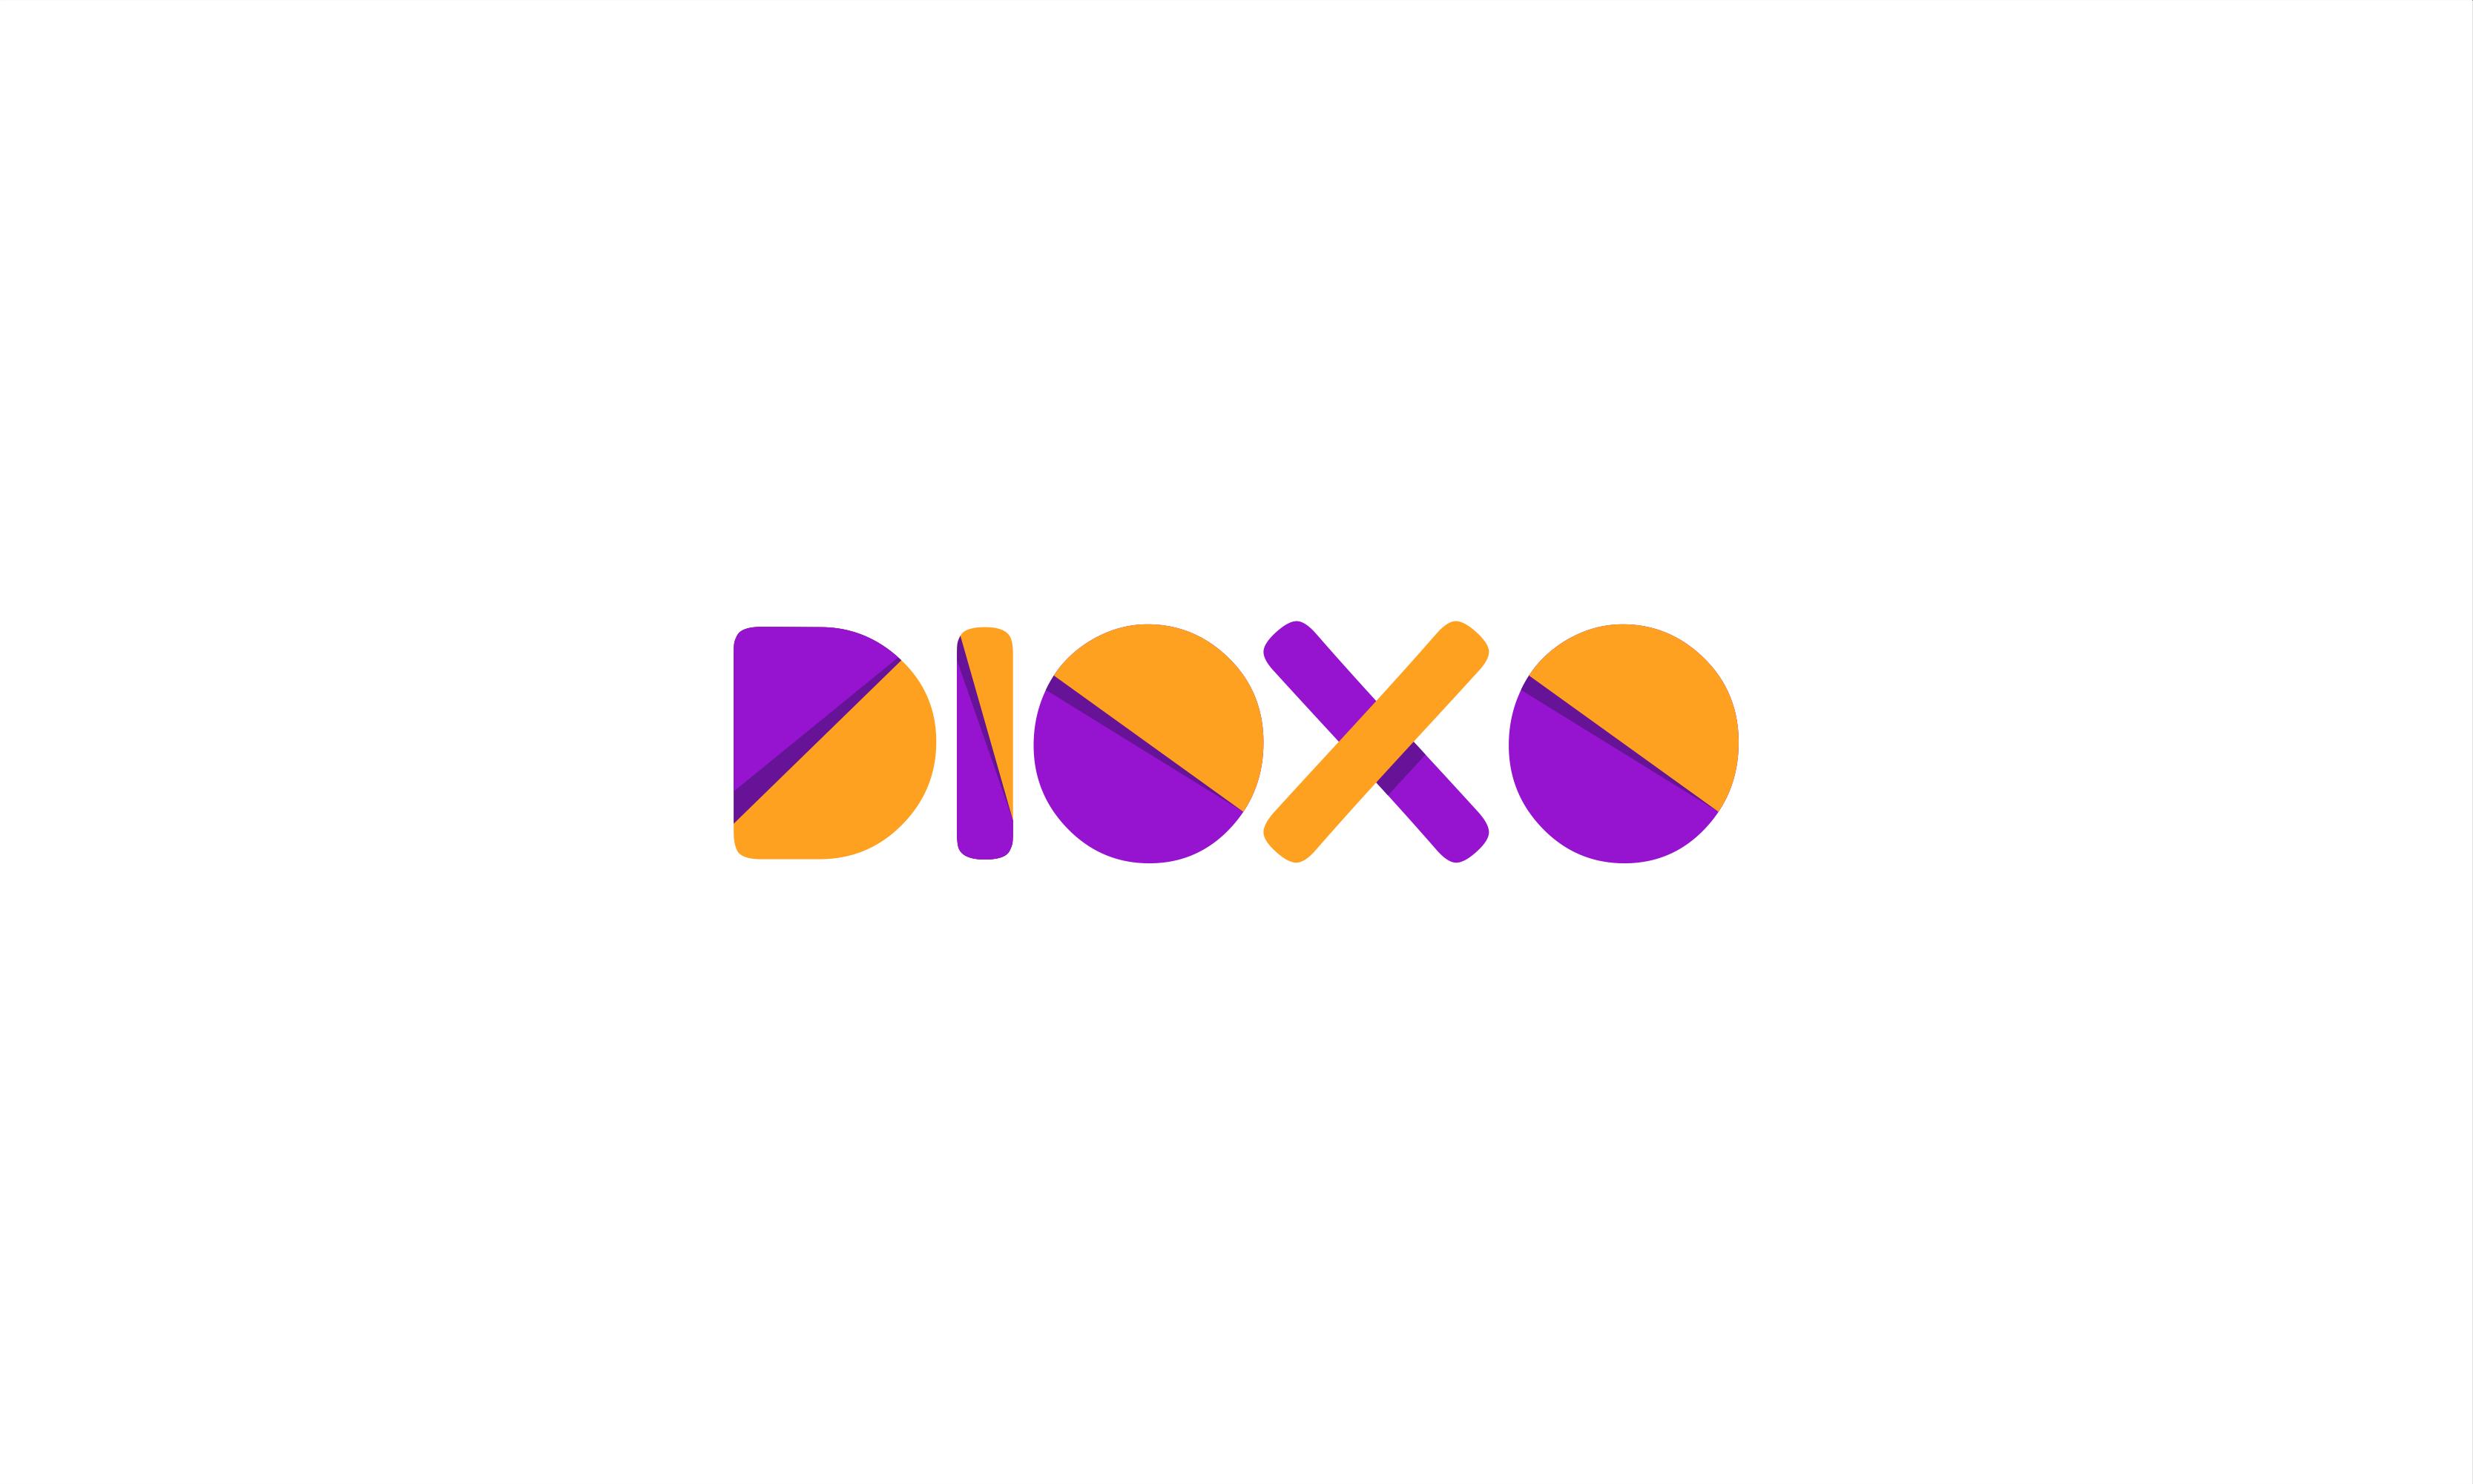 Dioxo